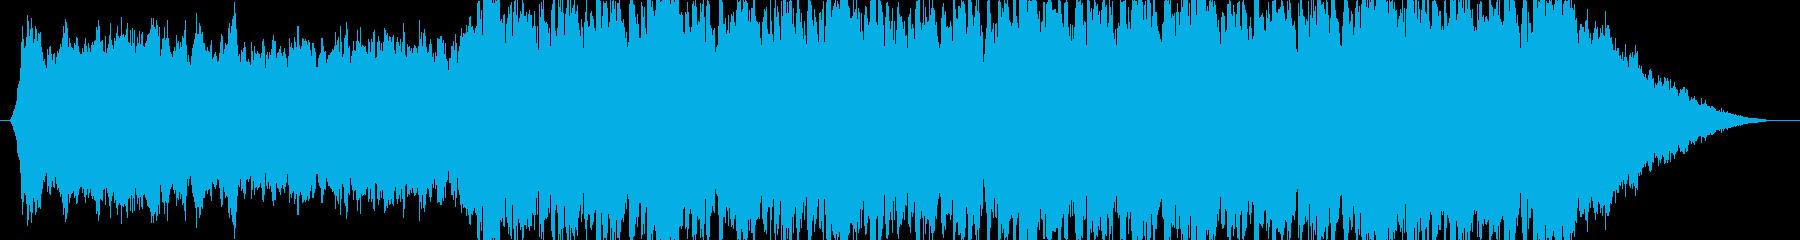 緊張感のあるスリリングな楽曲の再生済みの波形